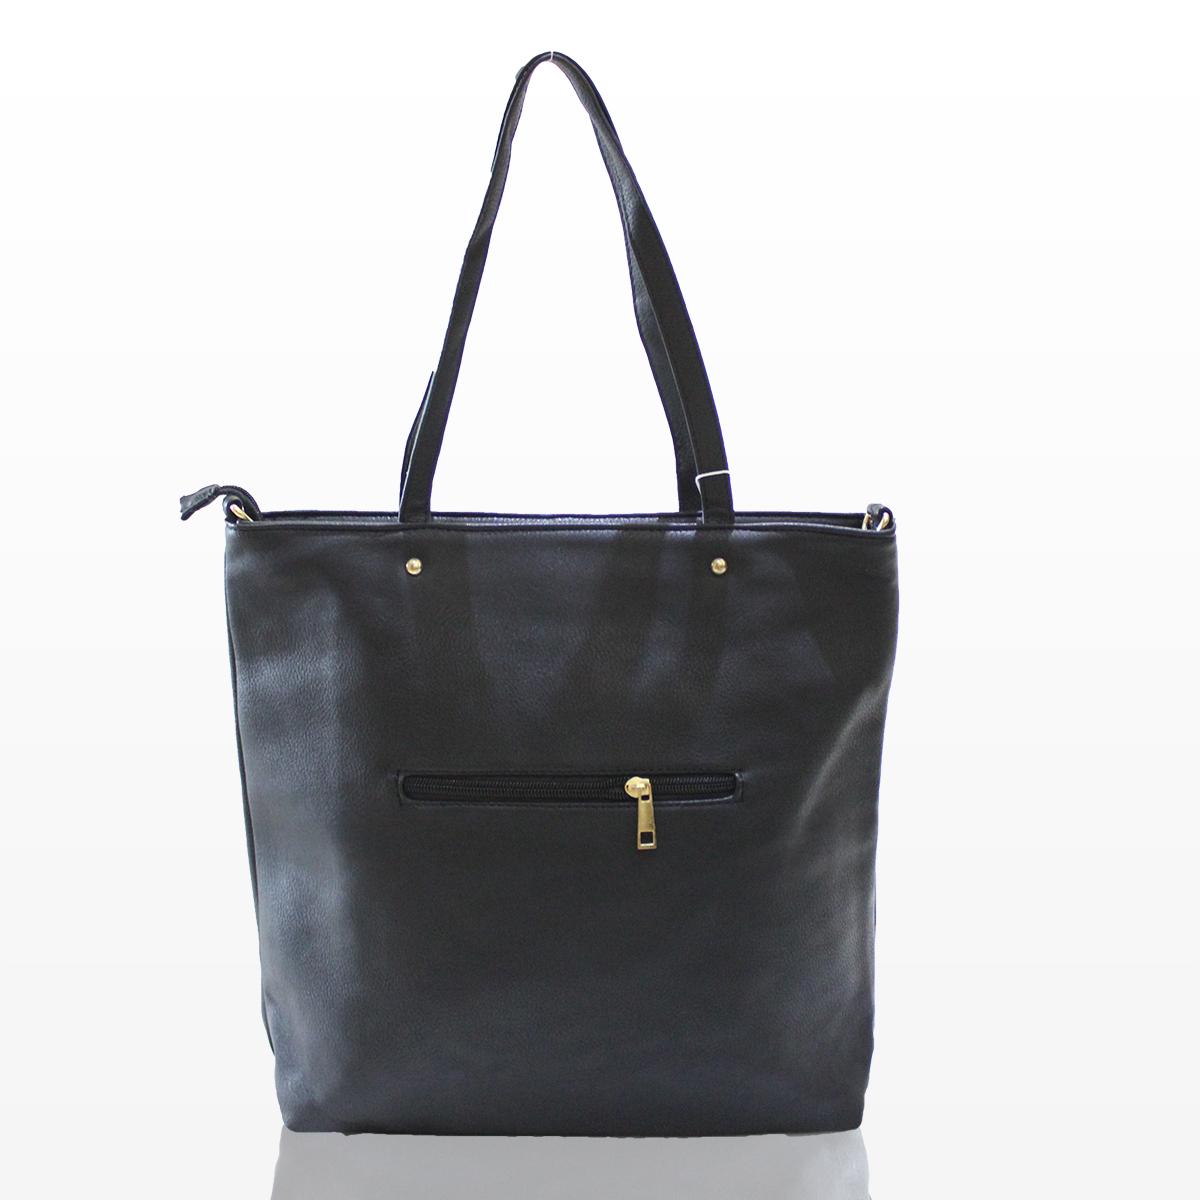 Дамска чанта Роси - черна Снимка 2 от 2